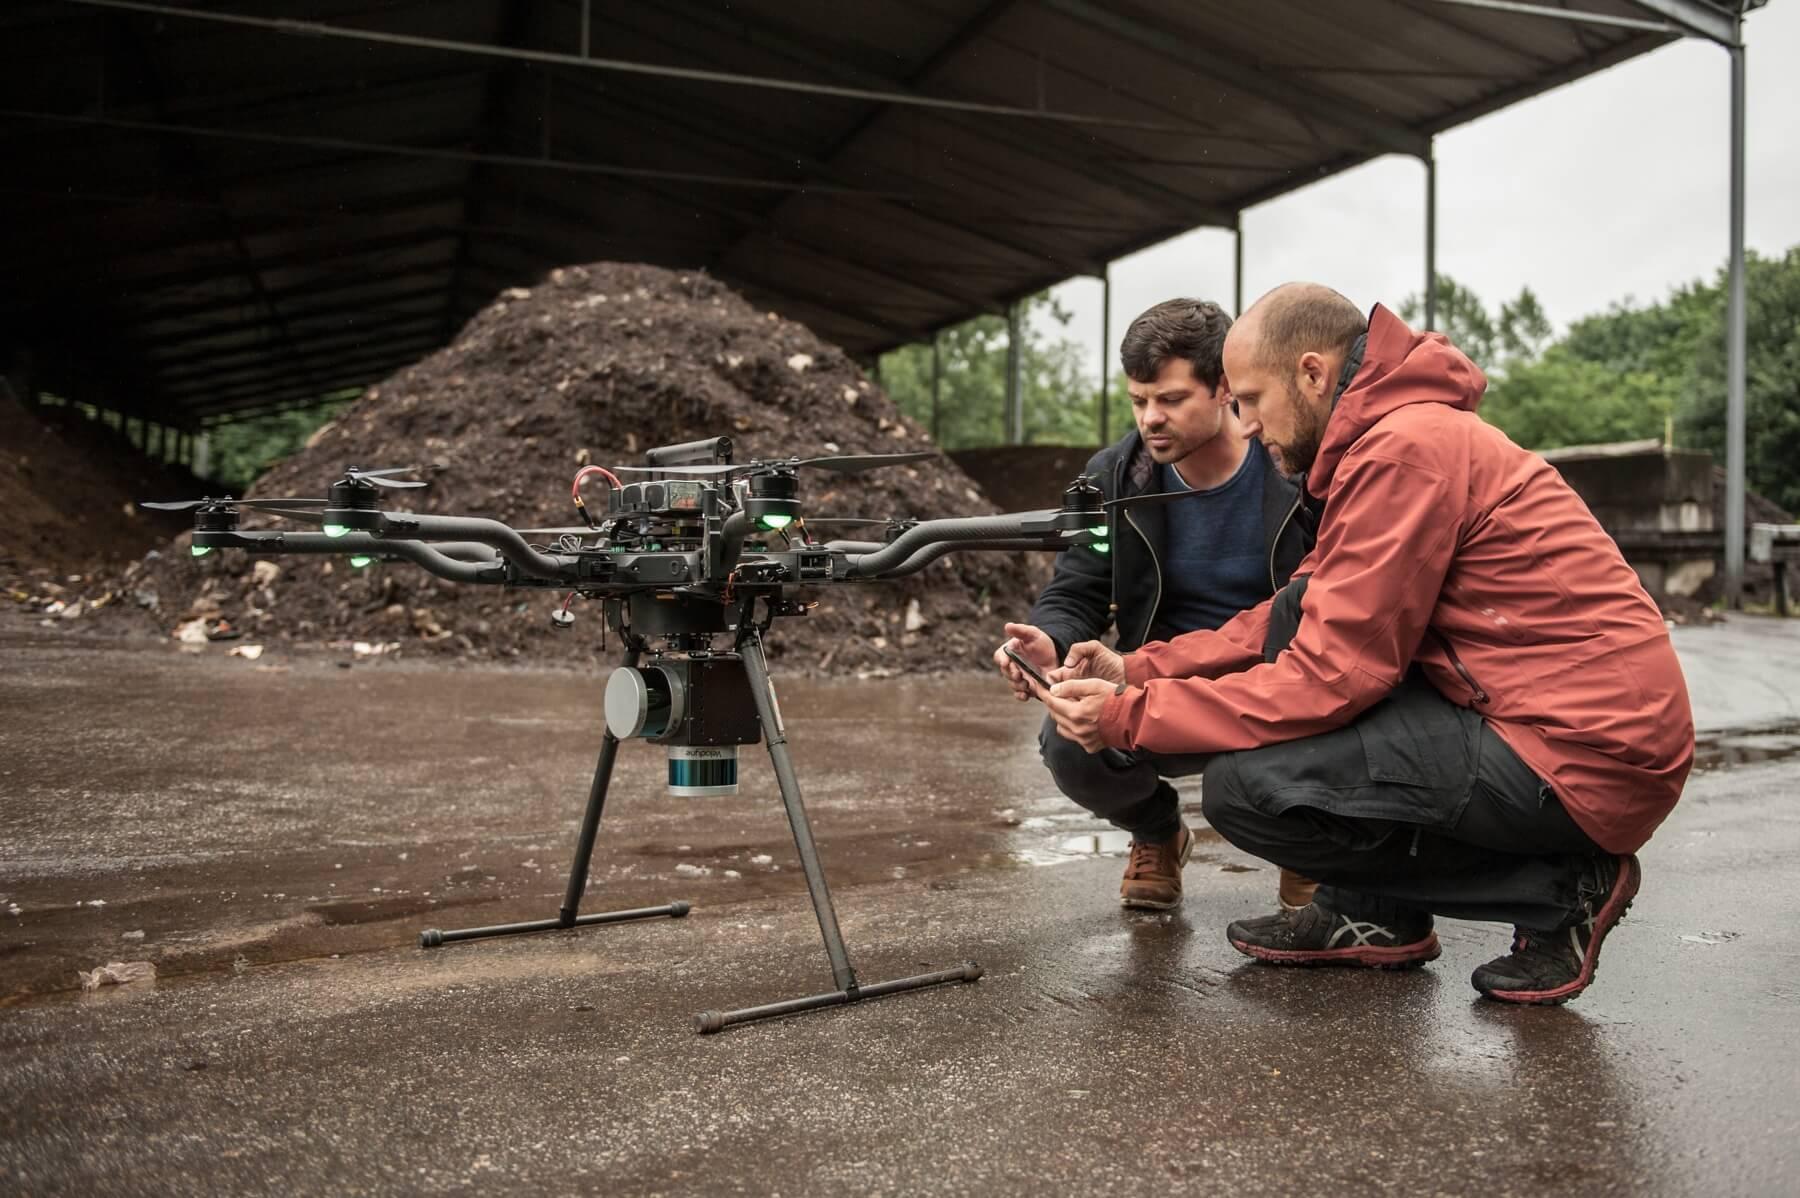 Erklaerung-LiDAR-Aufnahme-Laserscanning-UAV-Beratung-Schulung-LiDAR-Drohnen